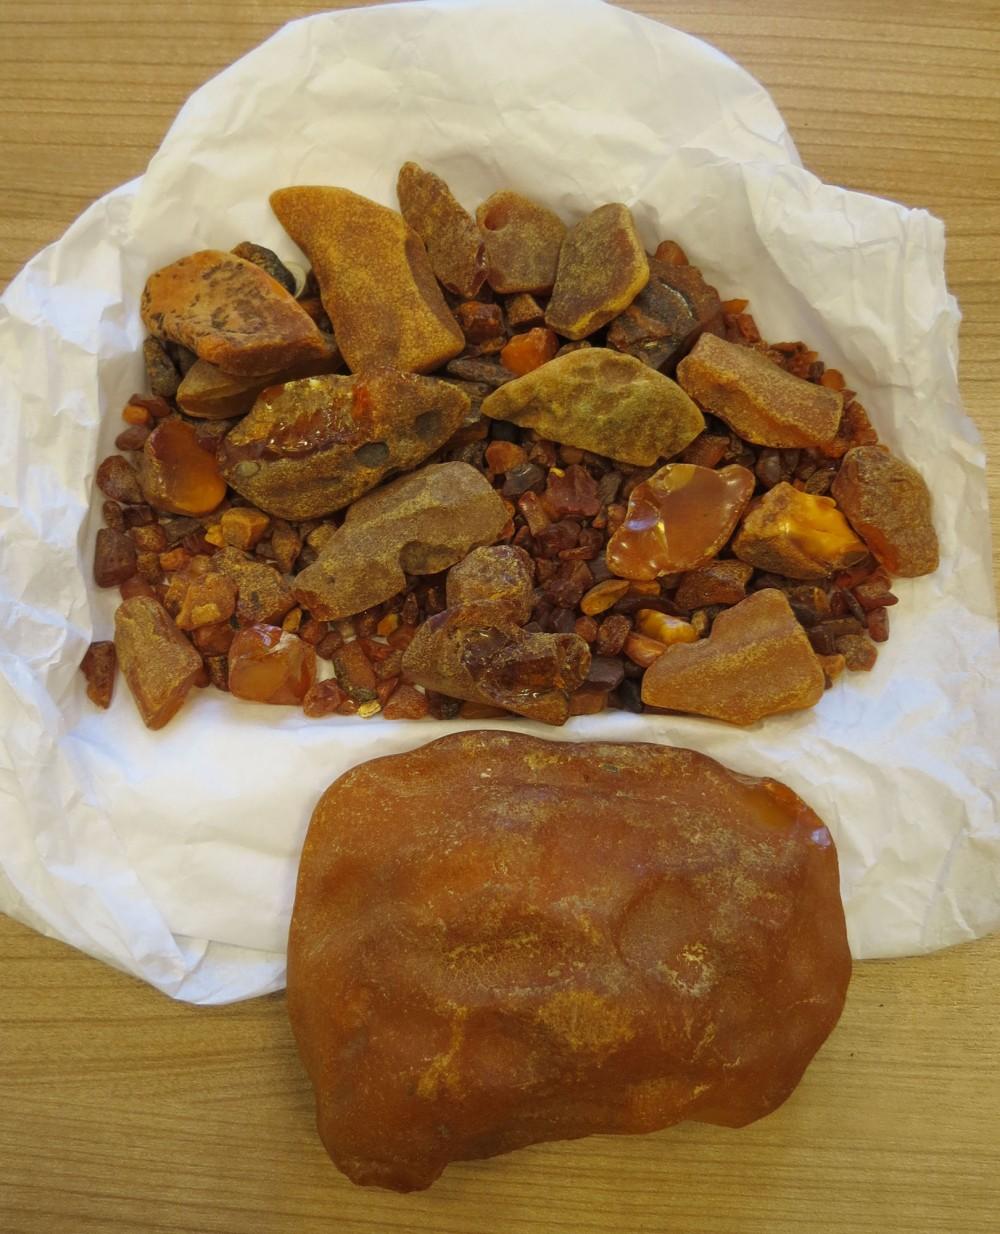 Gintaro gabalai iš Palangos nuo visai smulkių iki didelio gabalo, kurio dydis 11,5 cm x 8 cm